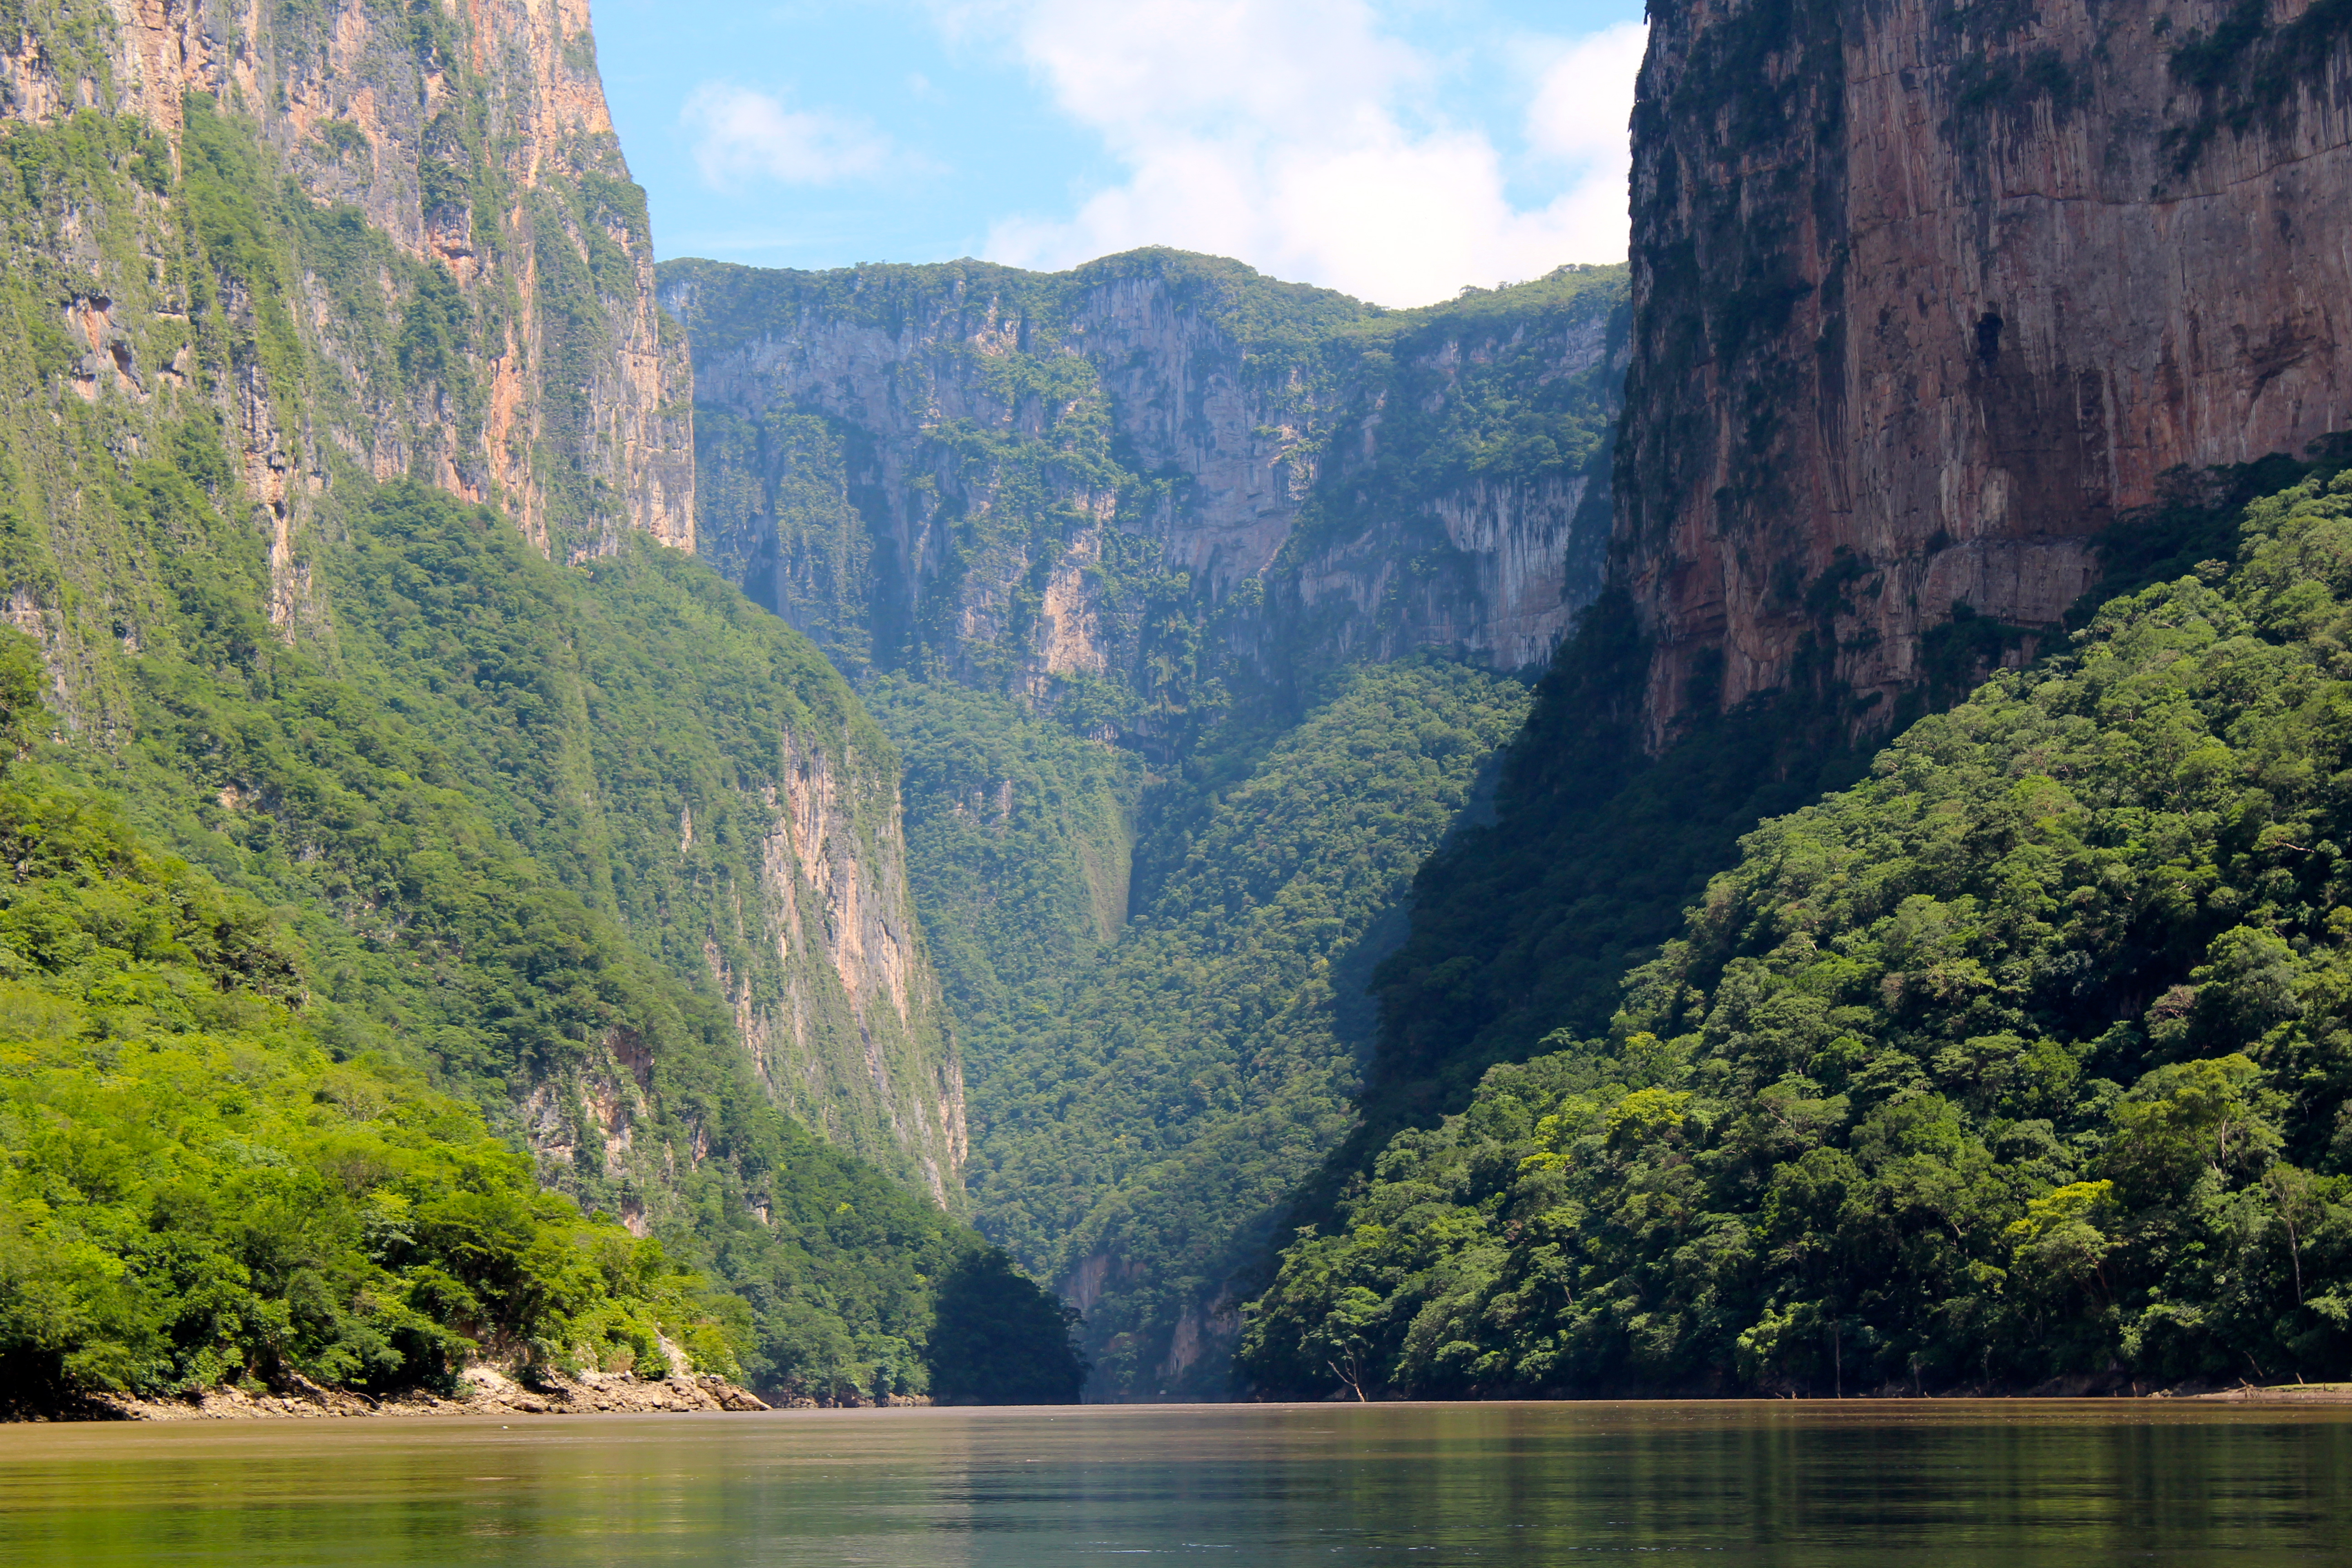 スミデロ渓谷ツアー。: 生きてる瞬間、最高。